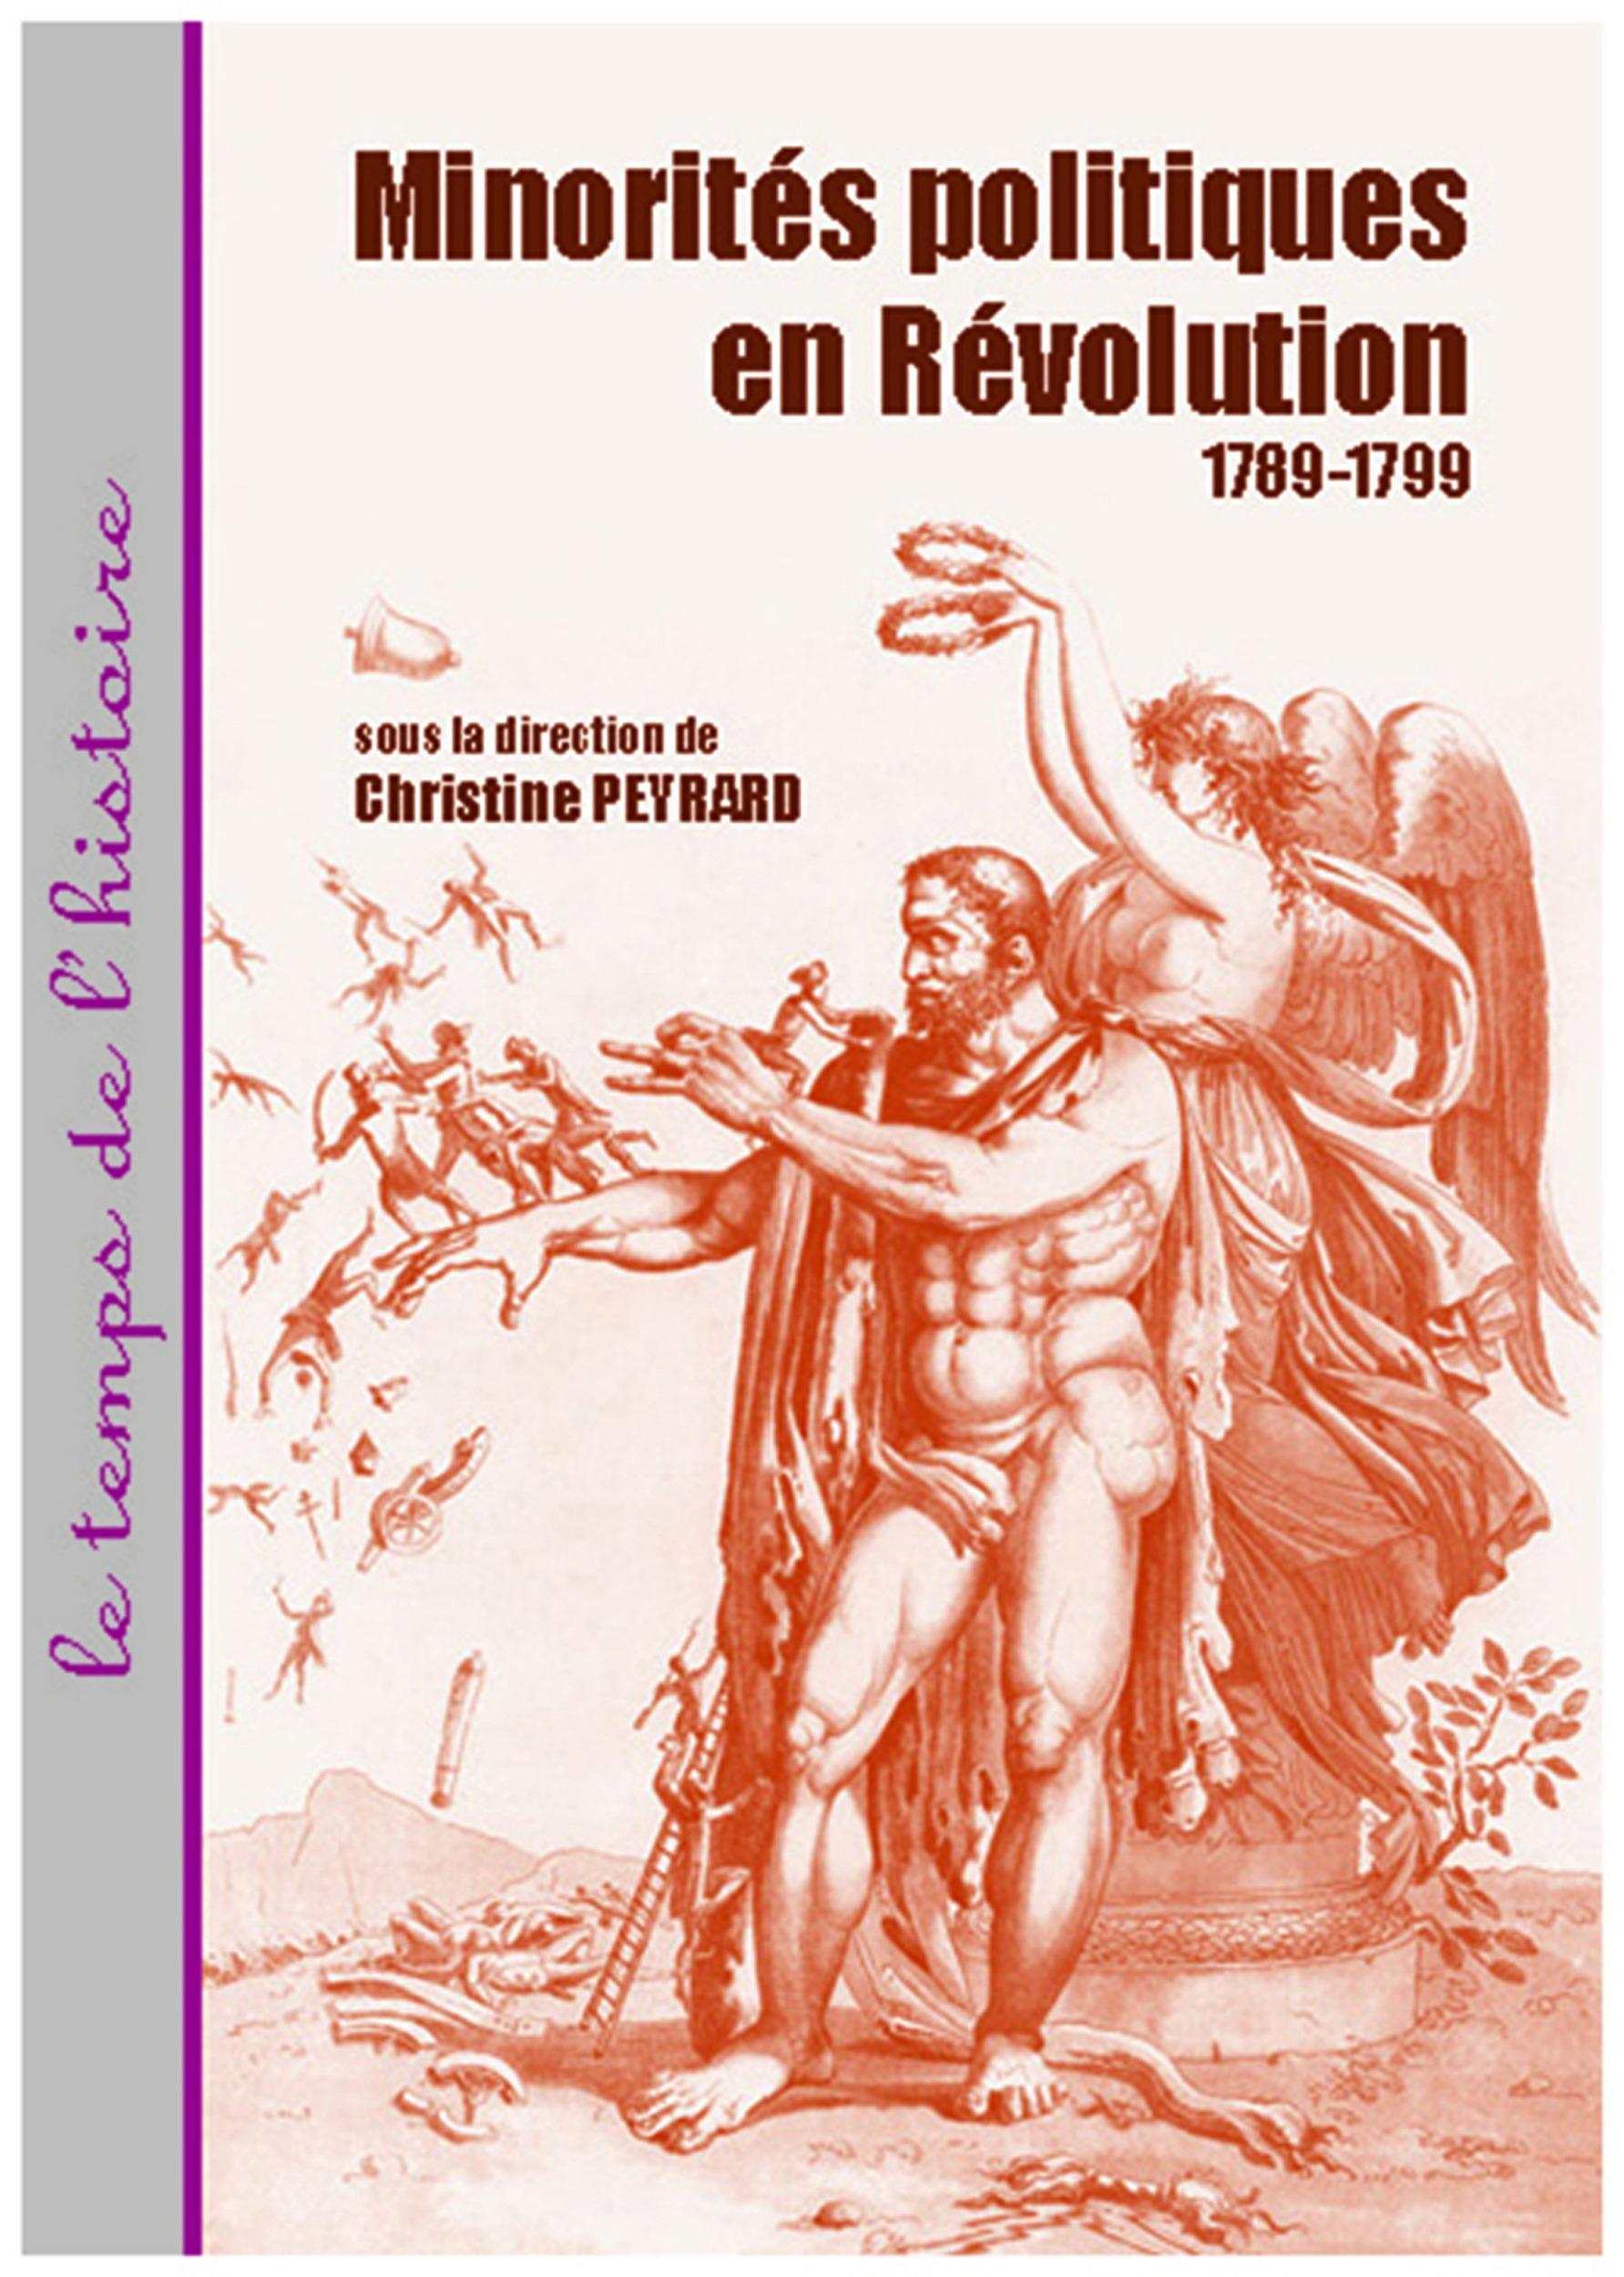 Minorités politiques en Révolution 1789-1799